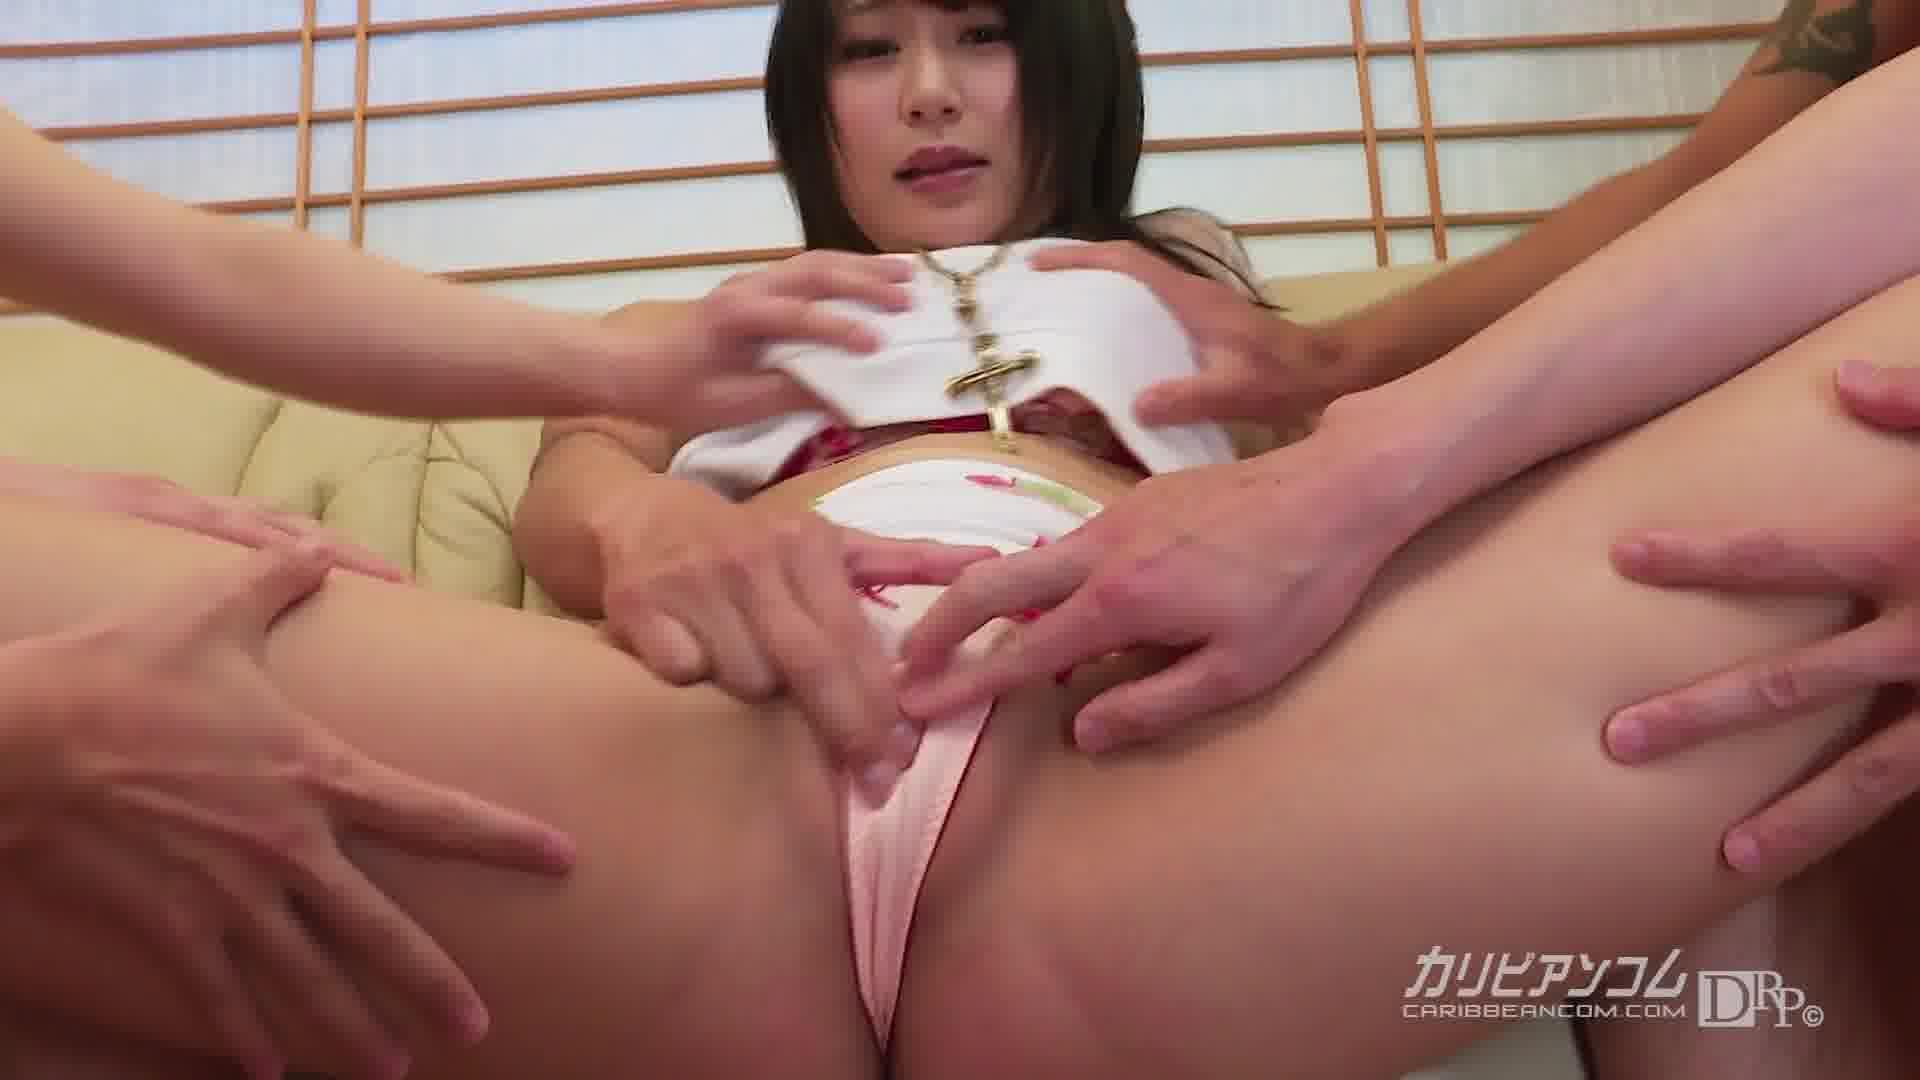 ダイナマイト 原千草 - 原千草【巨乳・3P・イラマチオ】